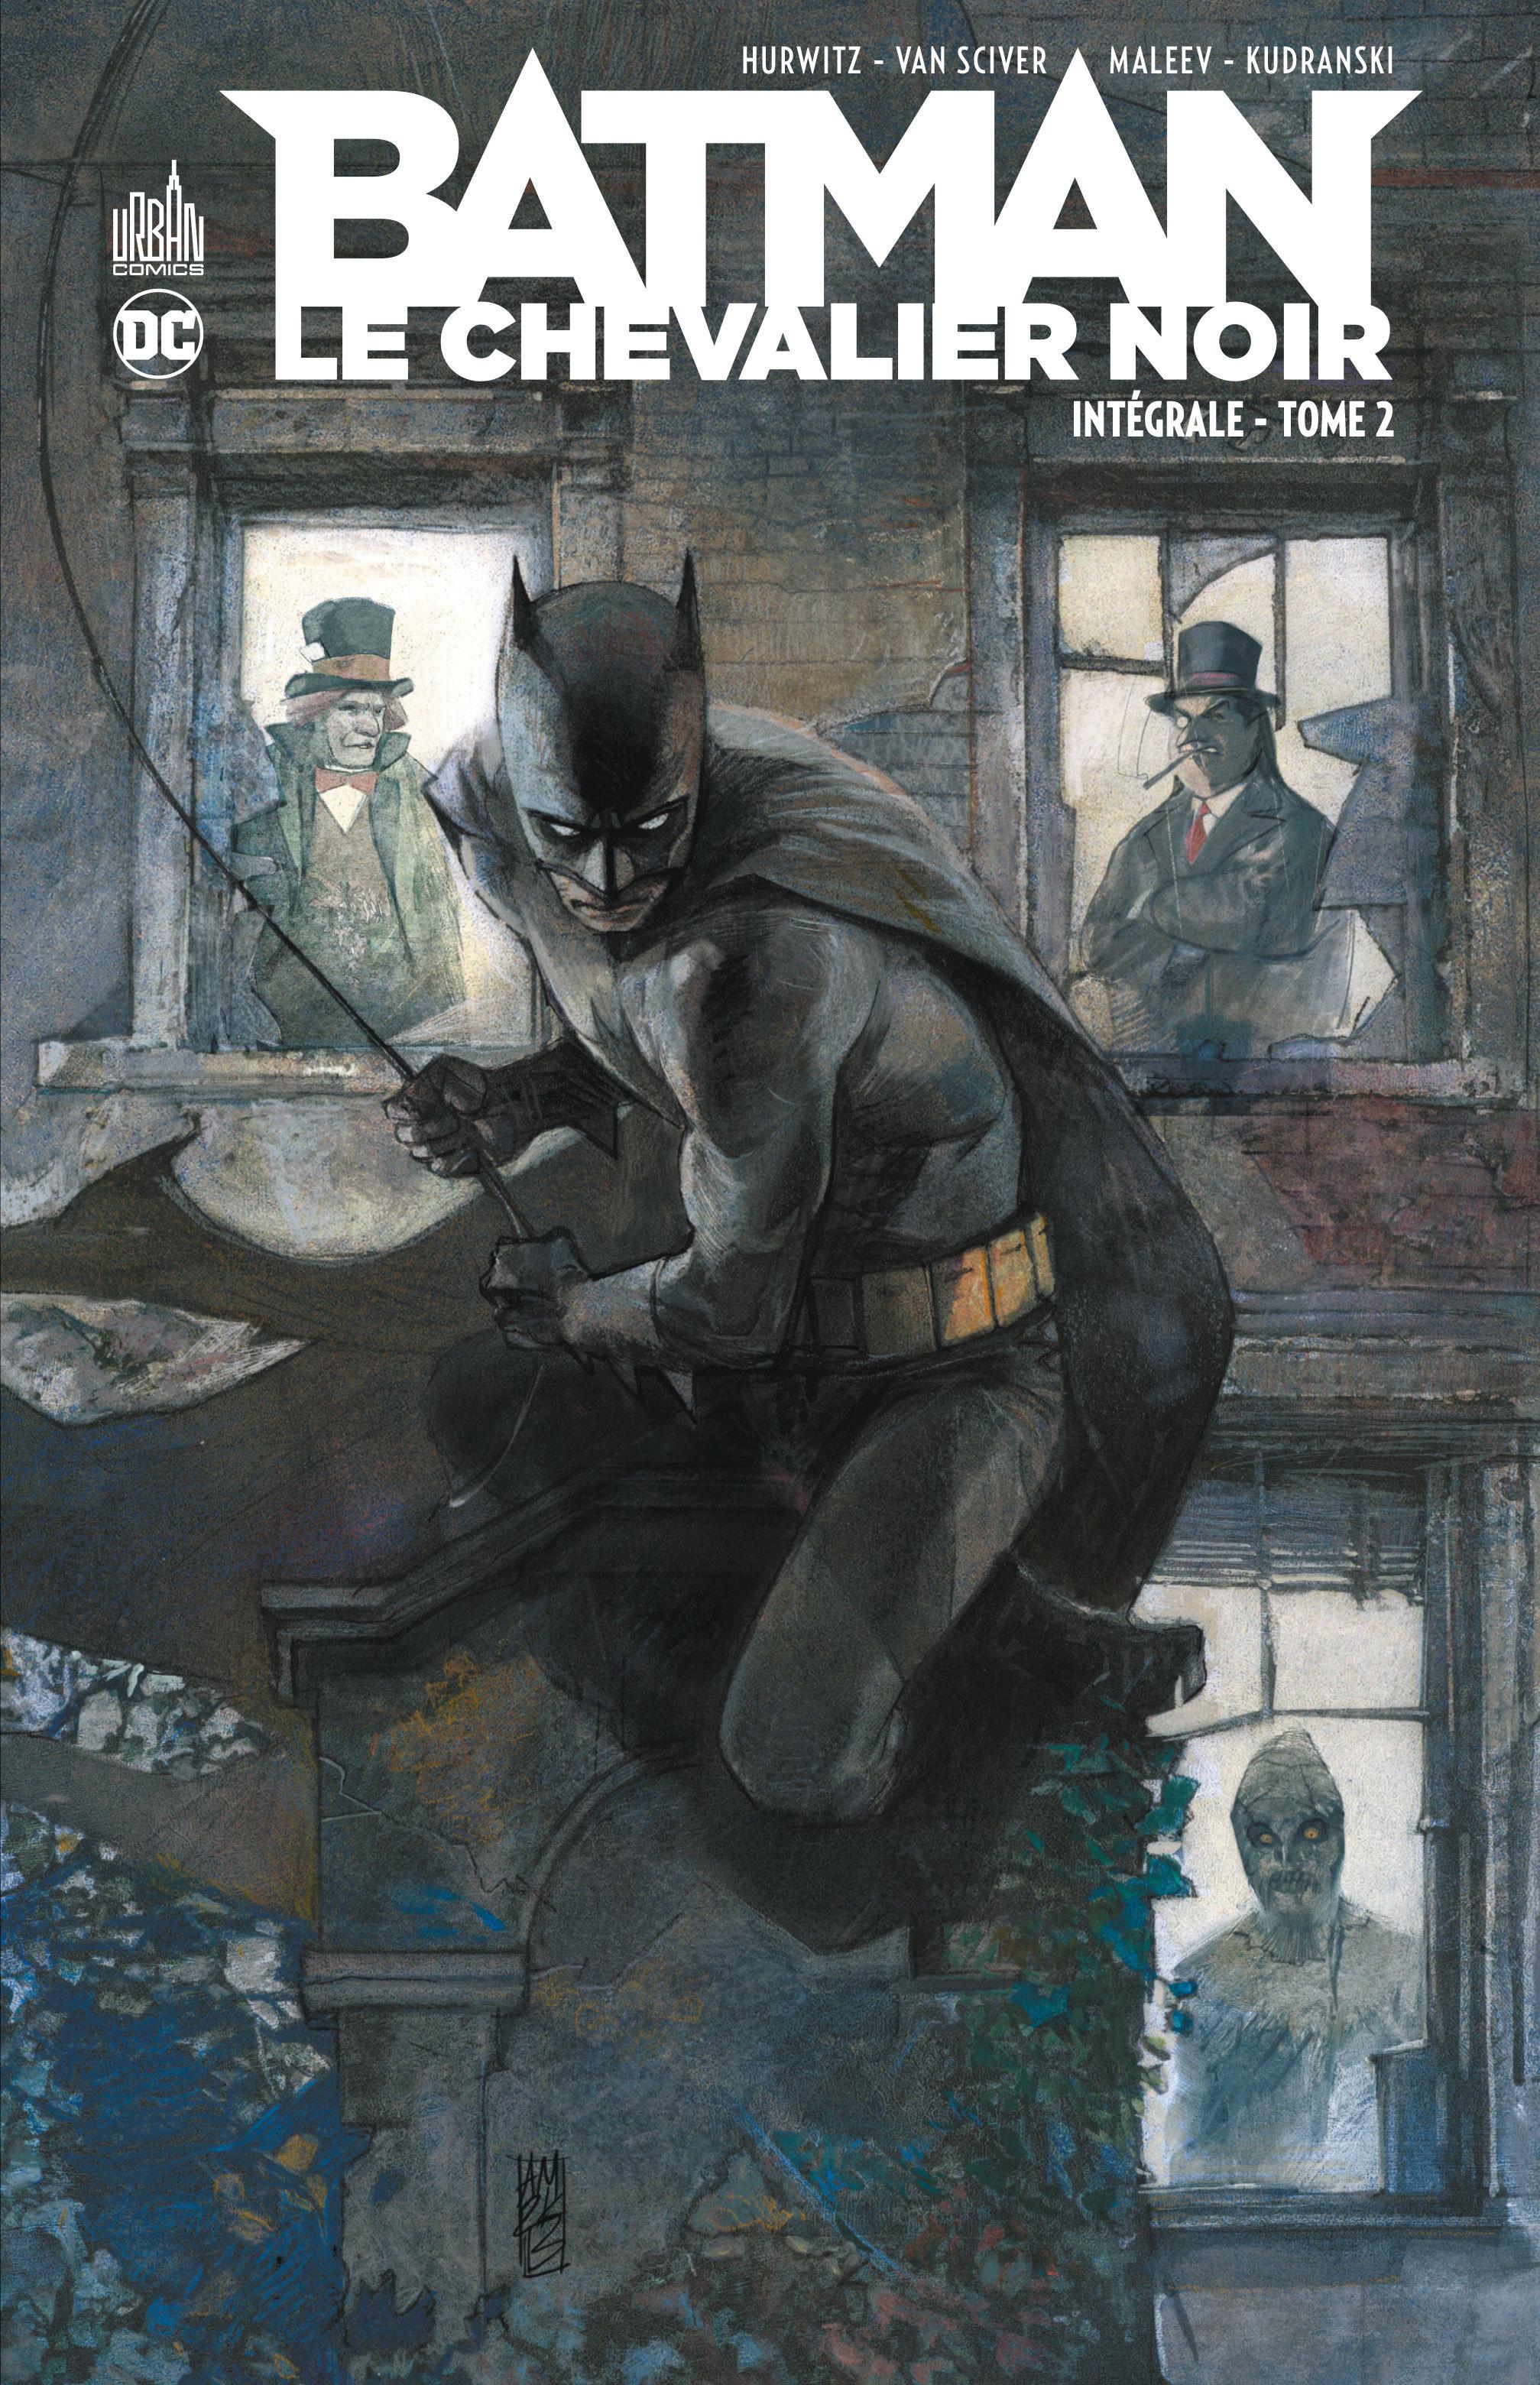 DC RENAISSANCE - BATMAN LE CHEVALIER NOIR INTEGRALE TOME 2